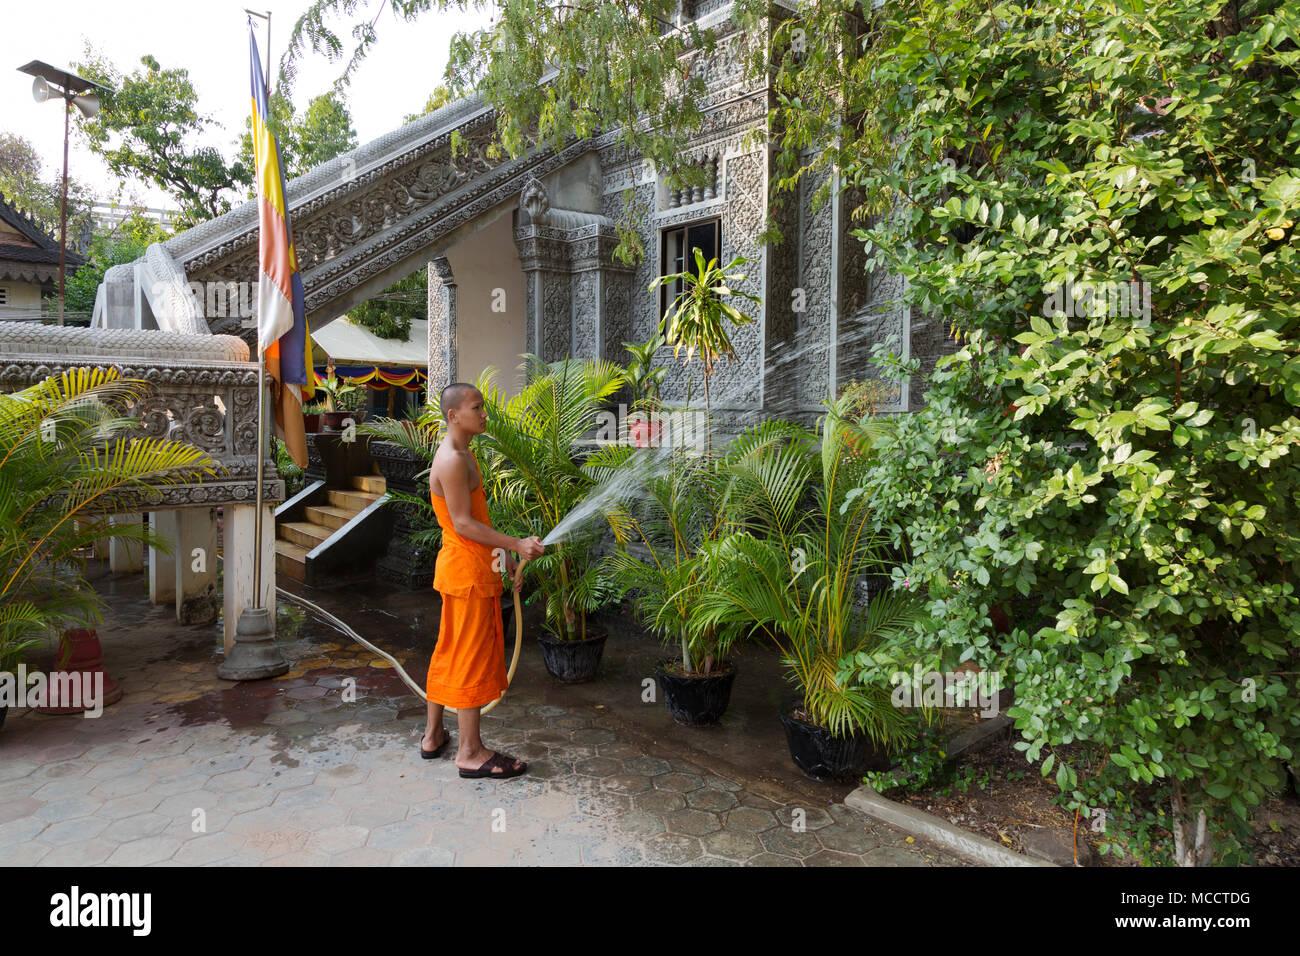 Kambodscha Lebensstil - ein buddhistischer Mönch Bewässerung von Pflanzen an einem Tempel Garten, Siem Reap, Kambodscha Asien Stockbild